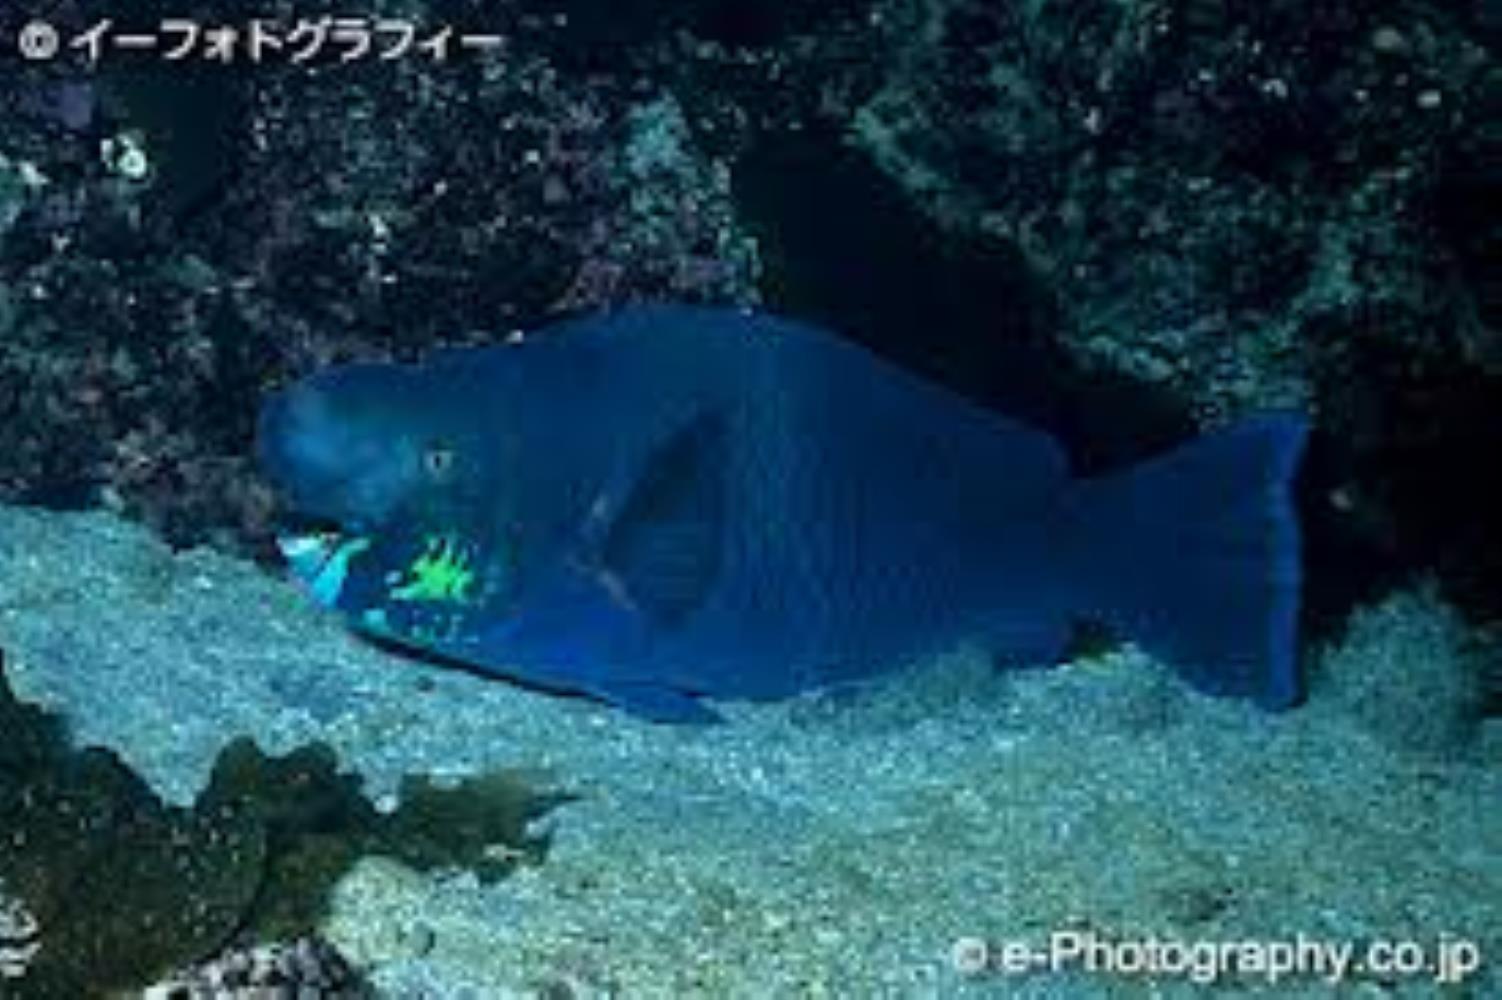 Knobsnout Parrotfish